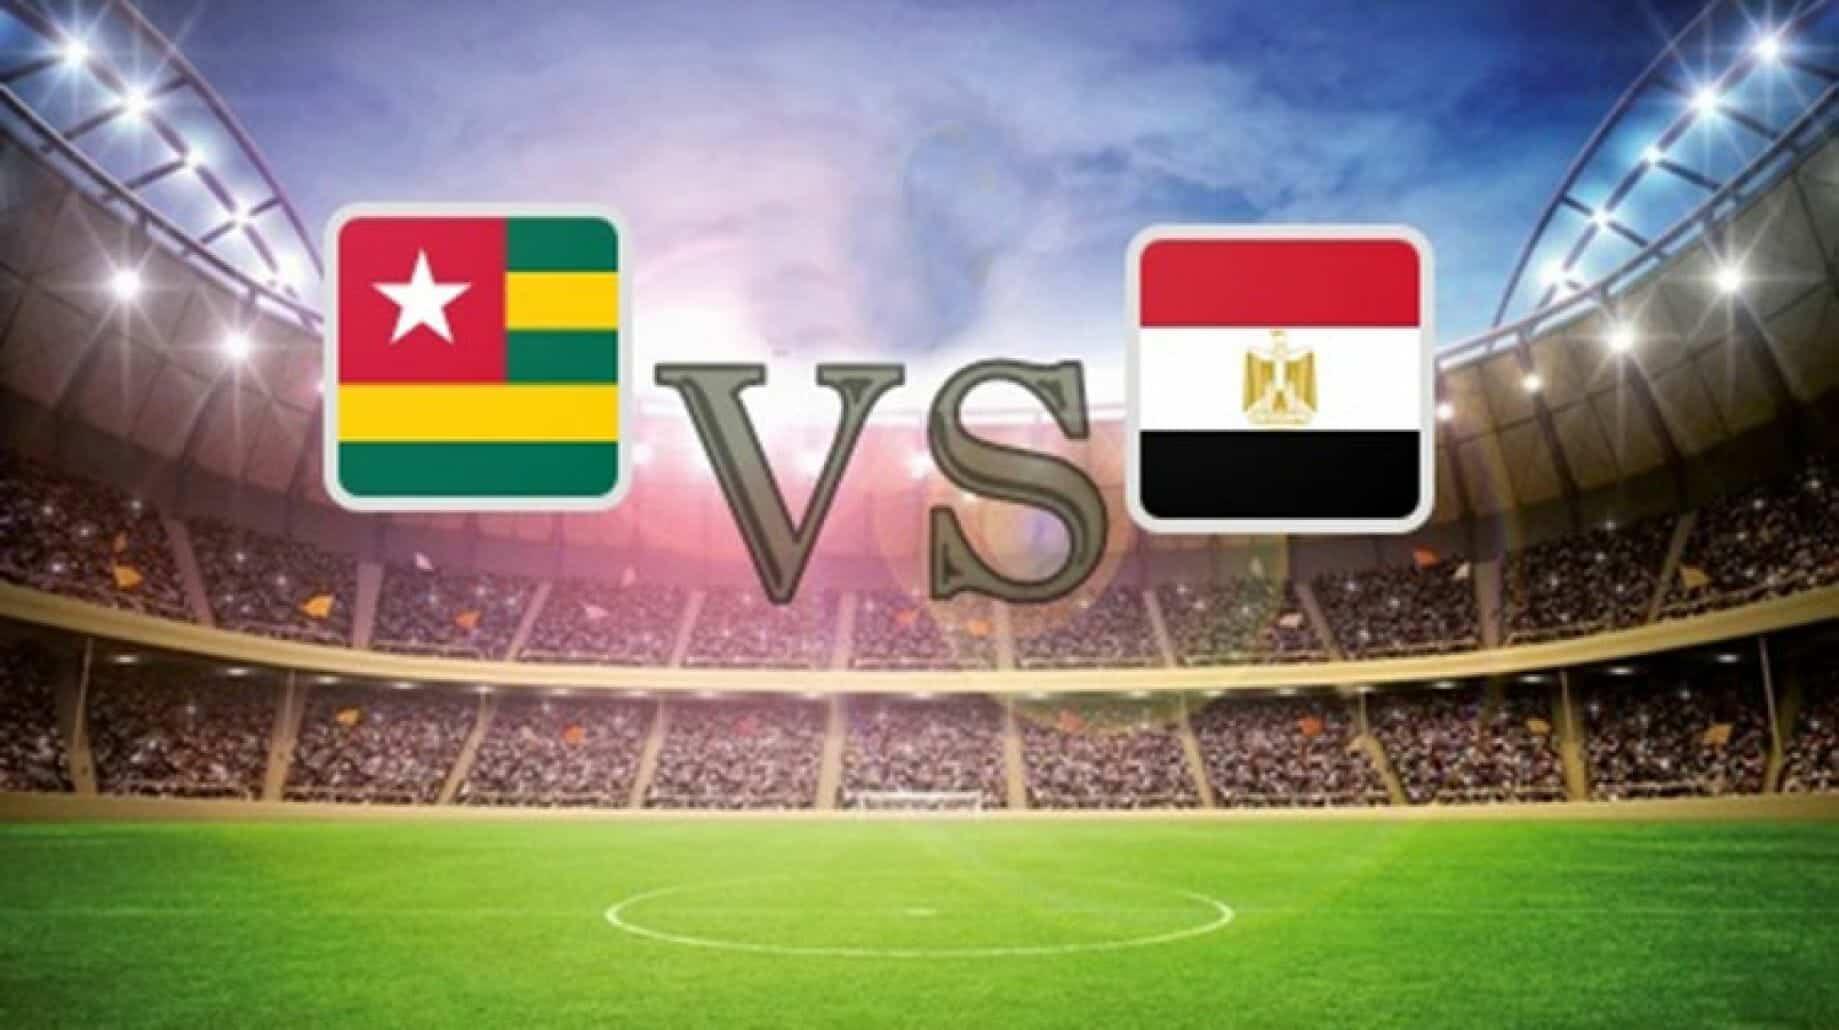 موعد مباراة مصر وجزر القمر والقنوات الناقلة في تصفيات أمم أفريقيا